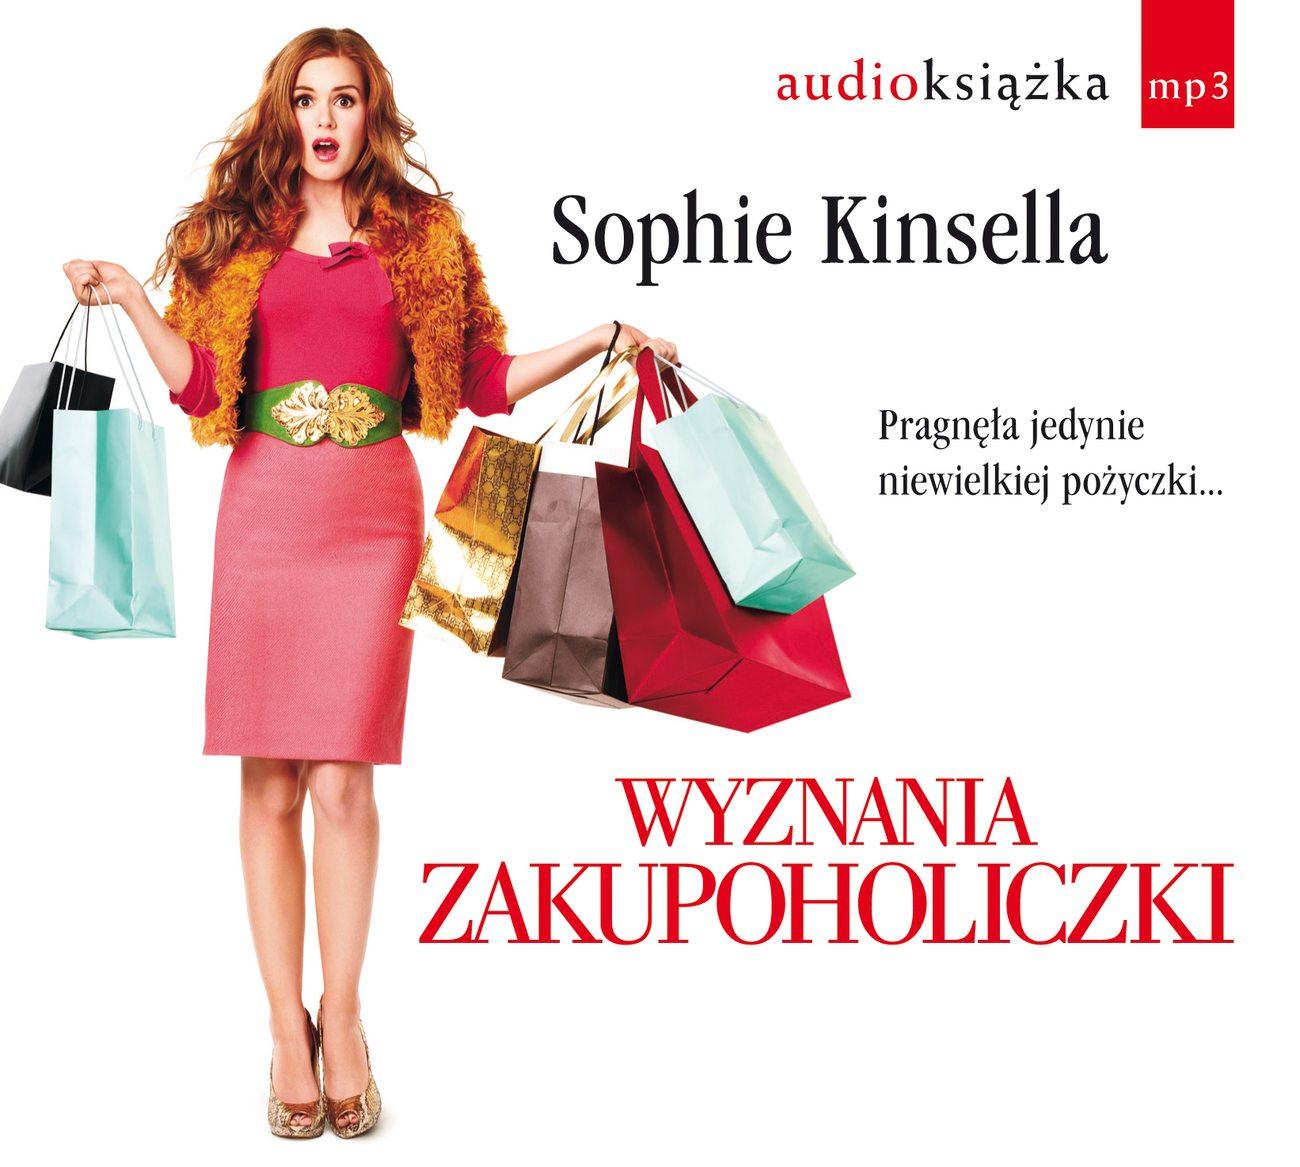 Wyznania zakupoholiczki - audiobook – Sophie Kinsella, Świat Książki, audiobook, książki audio, obyczajowe, epartnerzy.com